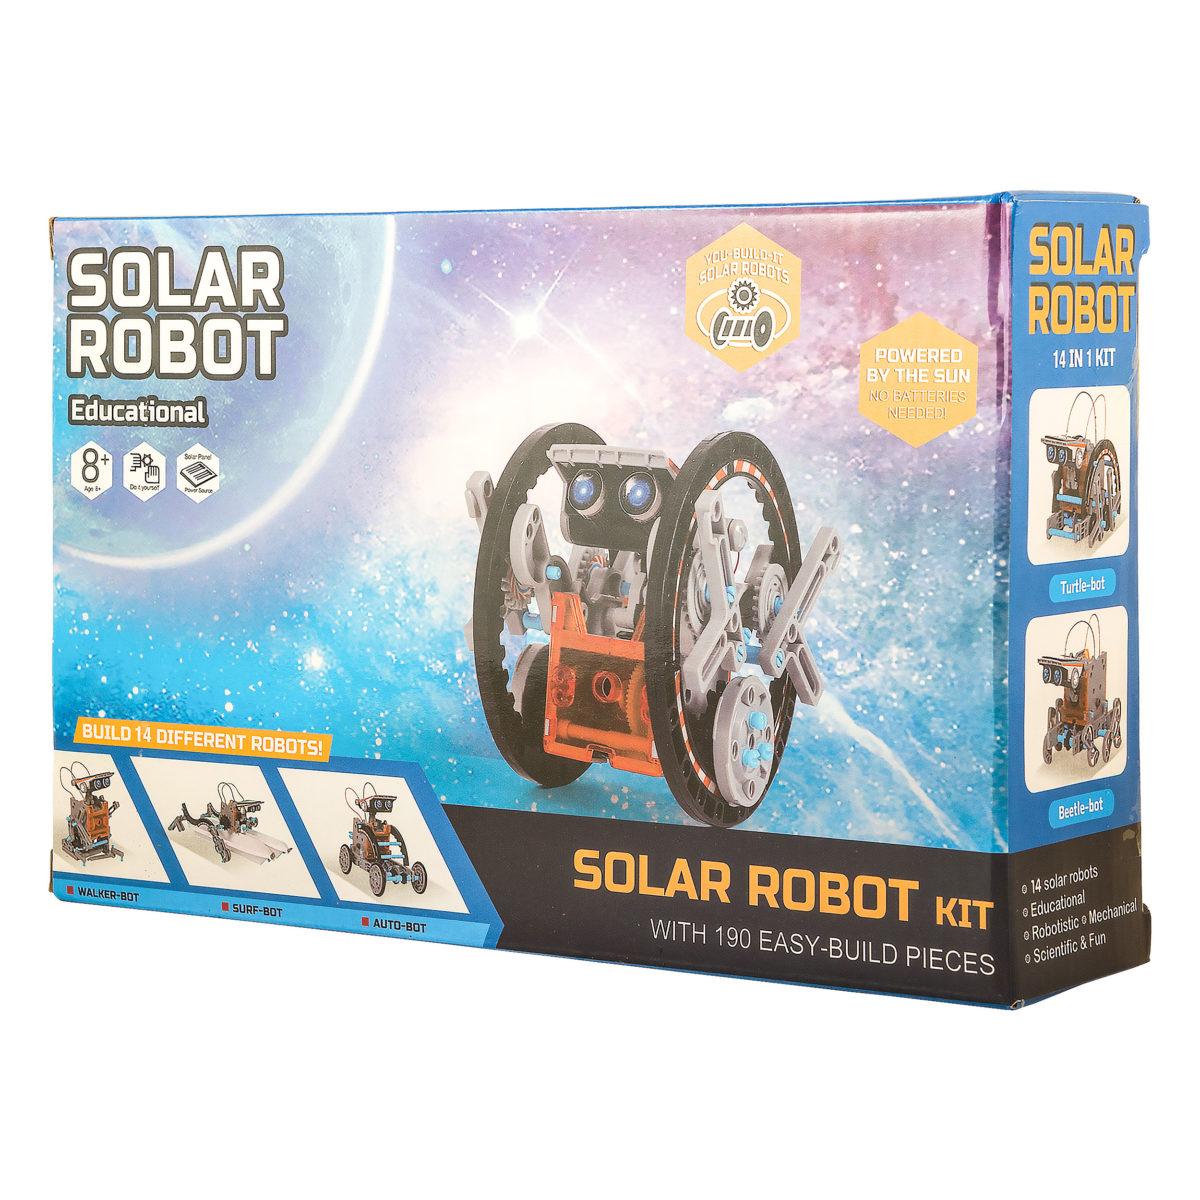 Solar Robot Kit 14 в 1 Конструктор с солнечным модулем оптом